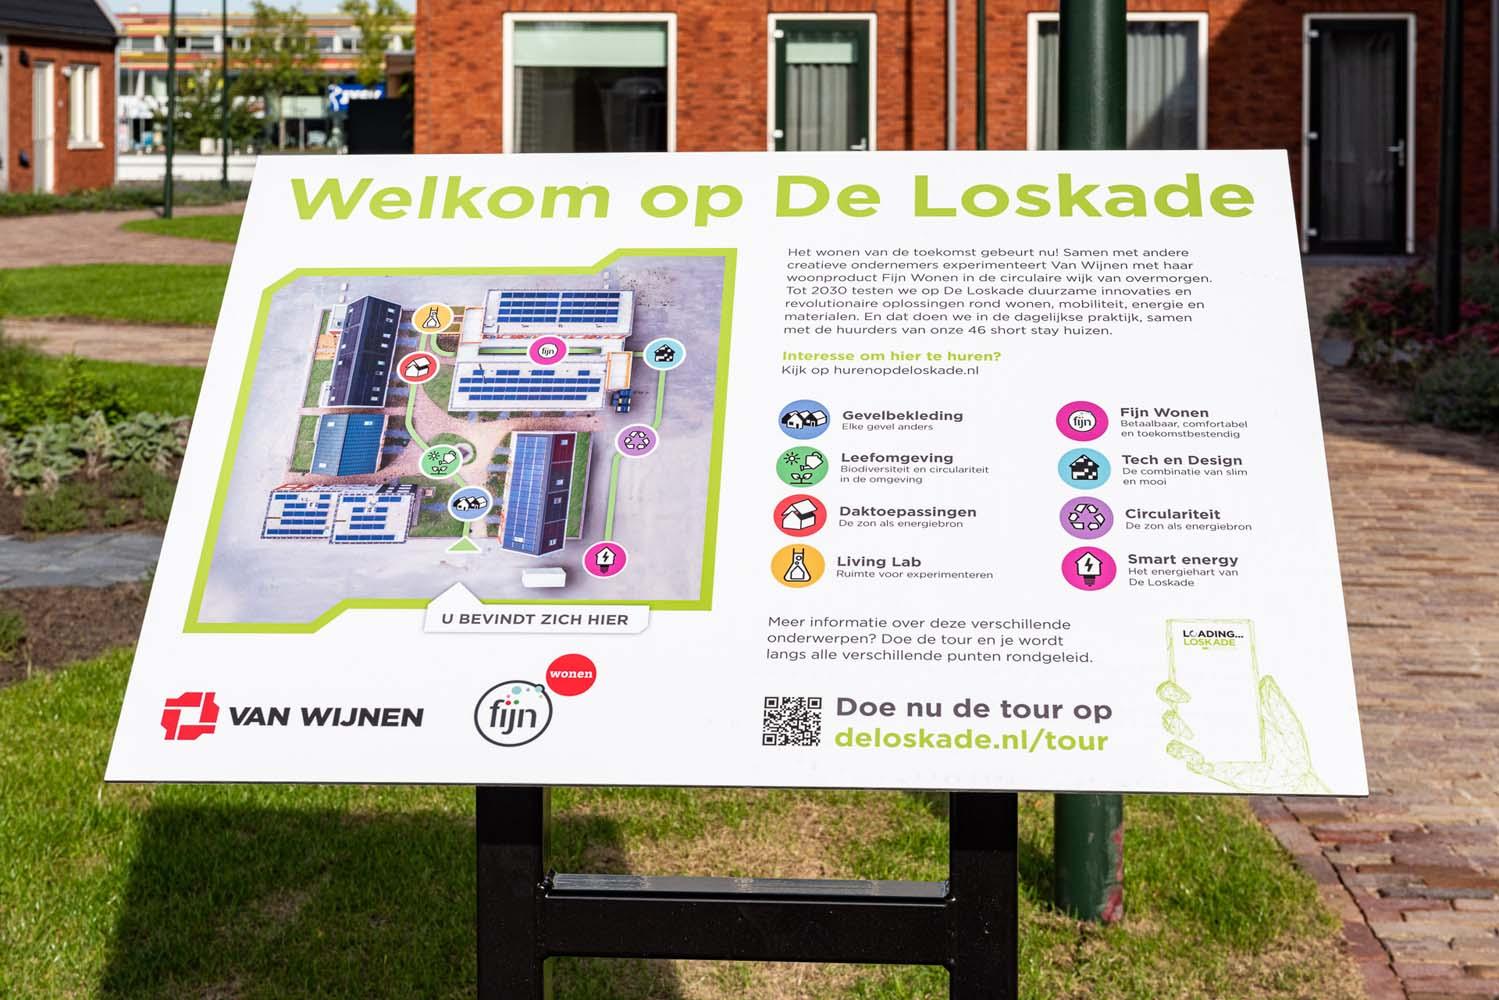 Bord met uitleg over circulair bouwen en leven op de Loskade in het gras van het pleintje